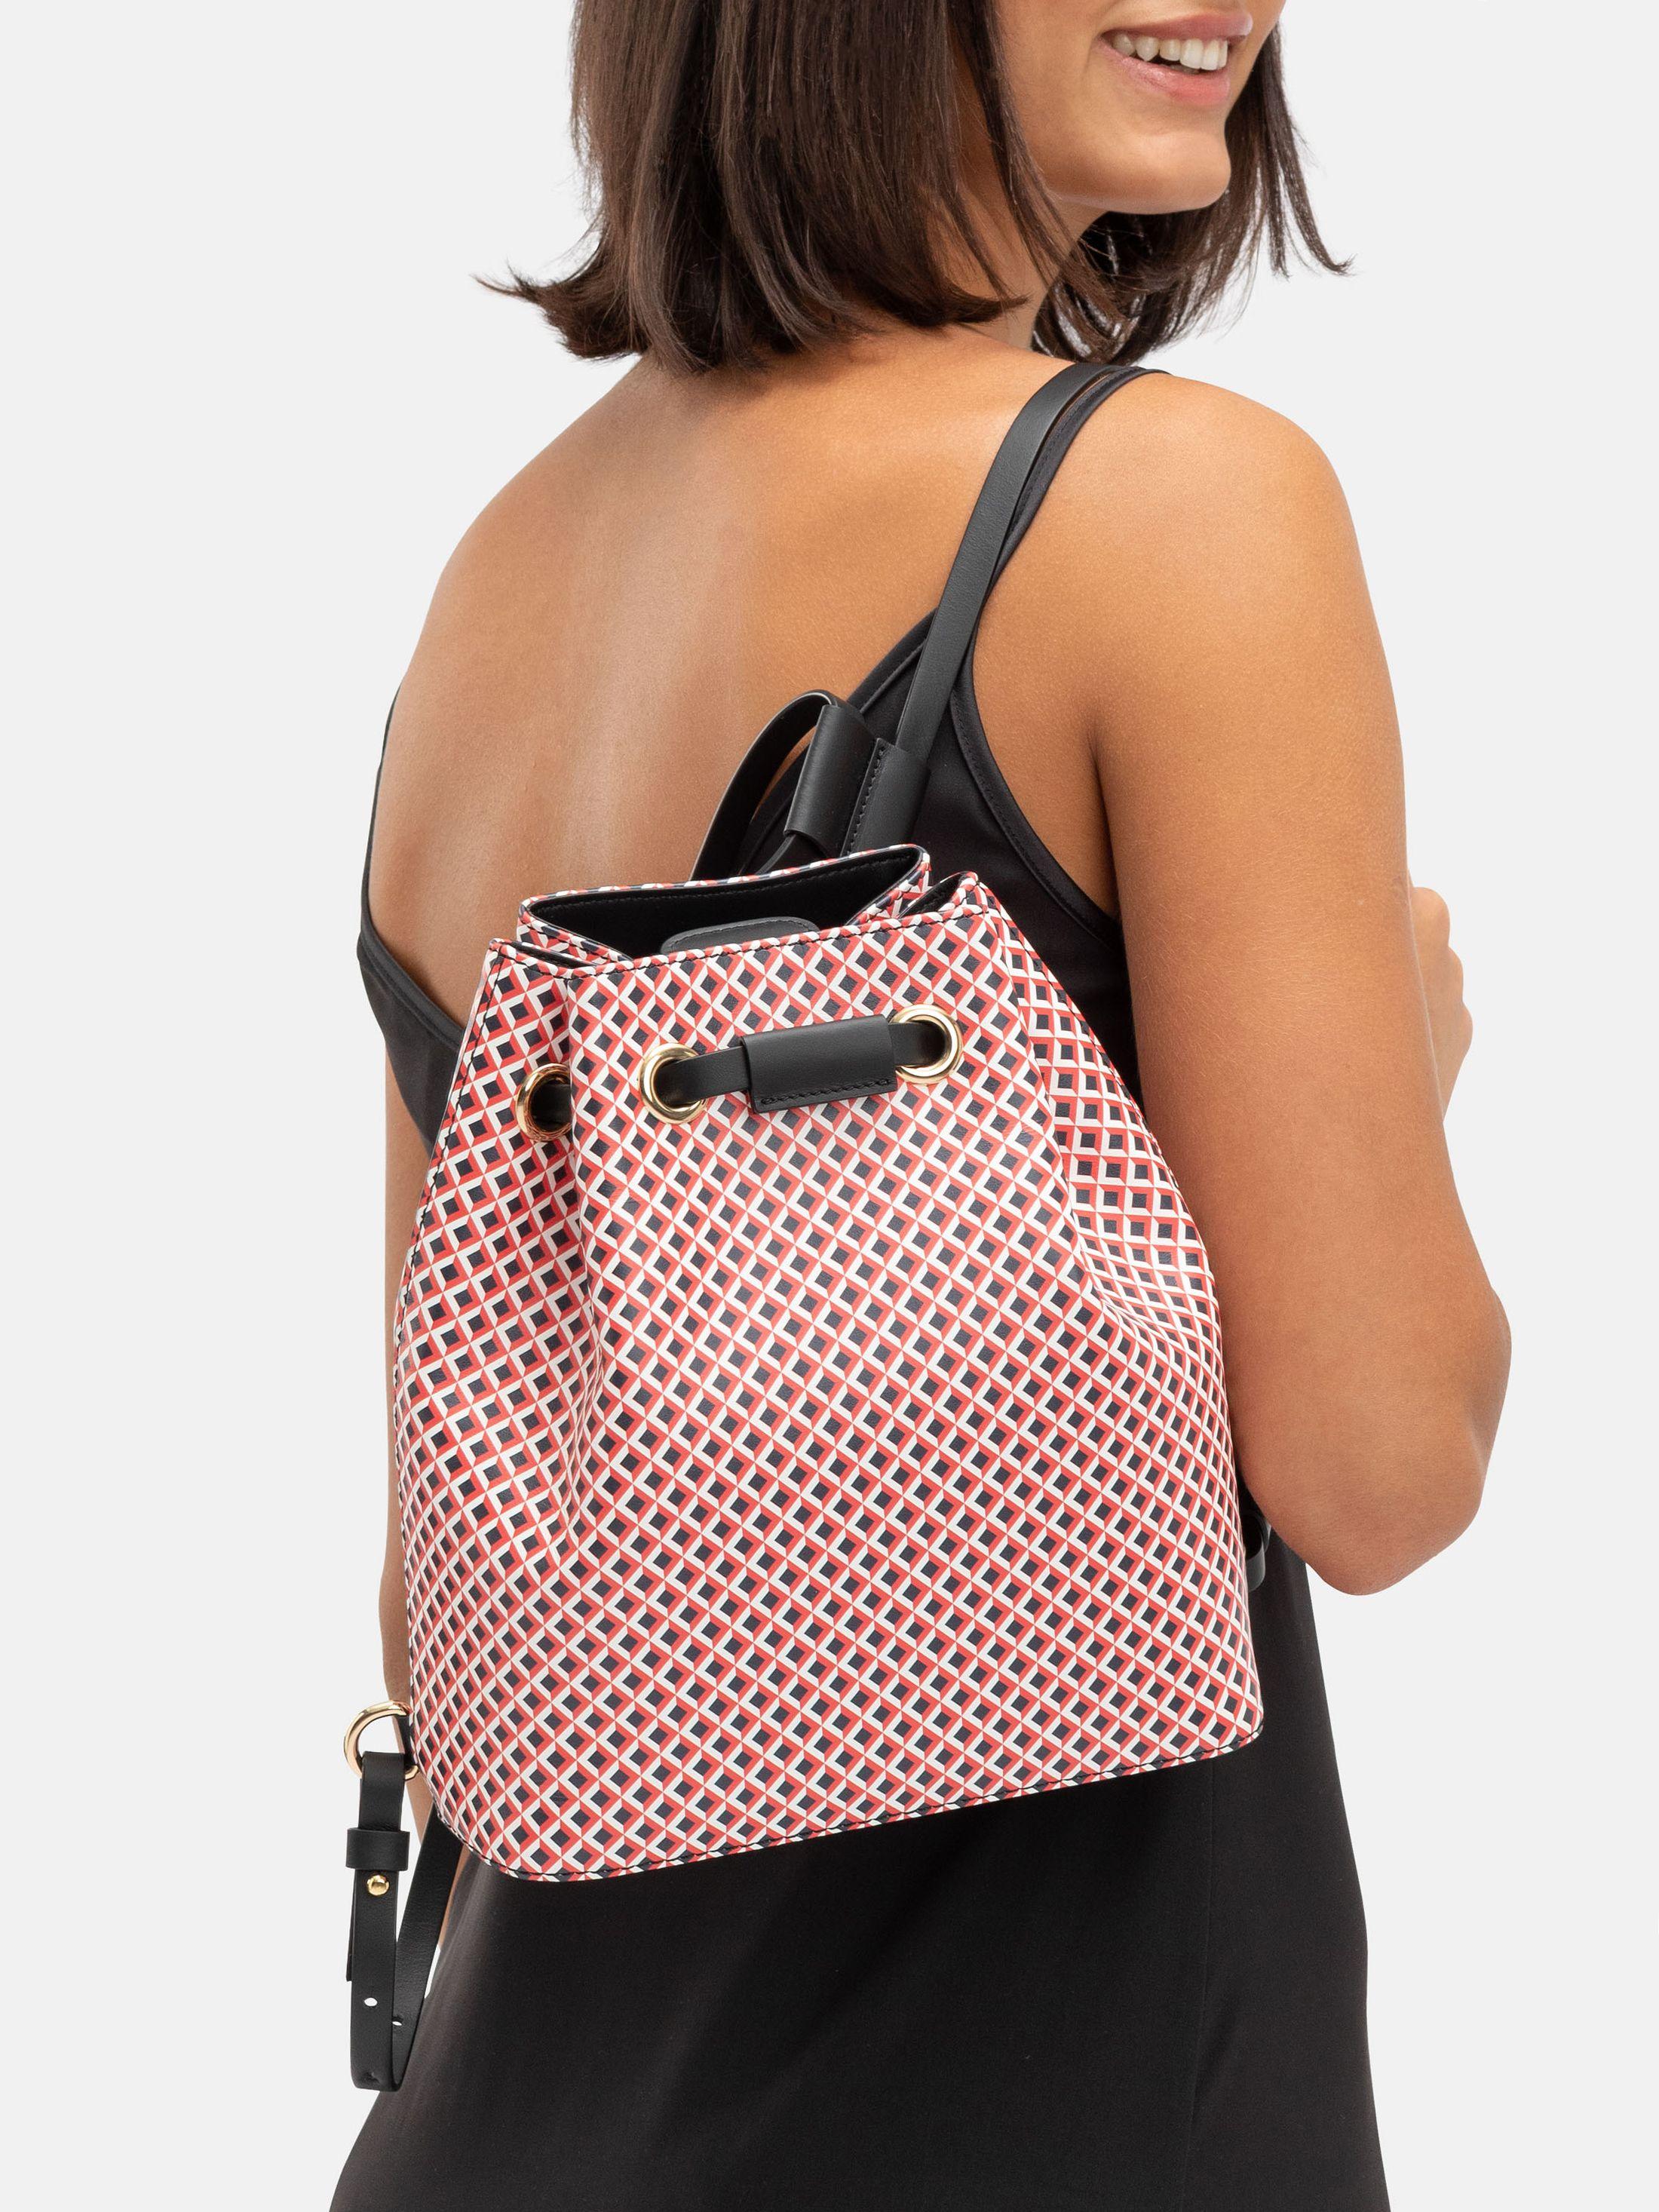 personnalisez  votre sac à dos seau